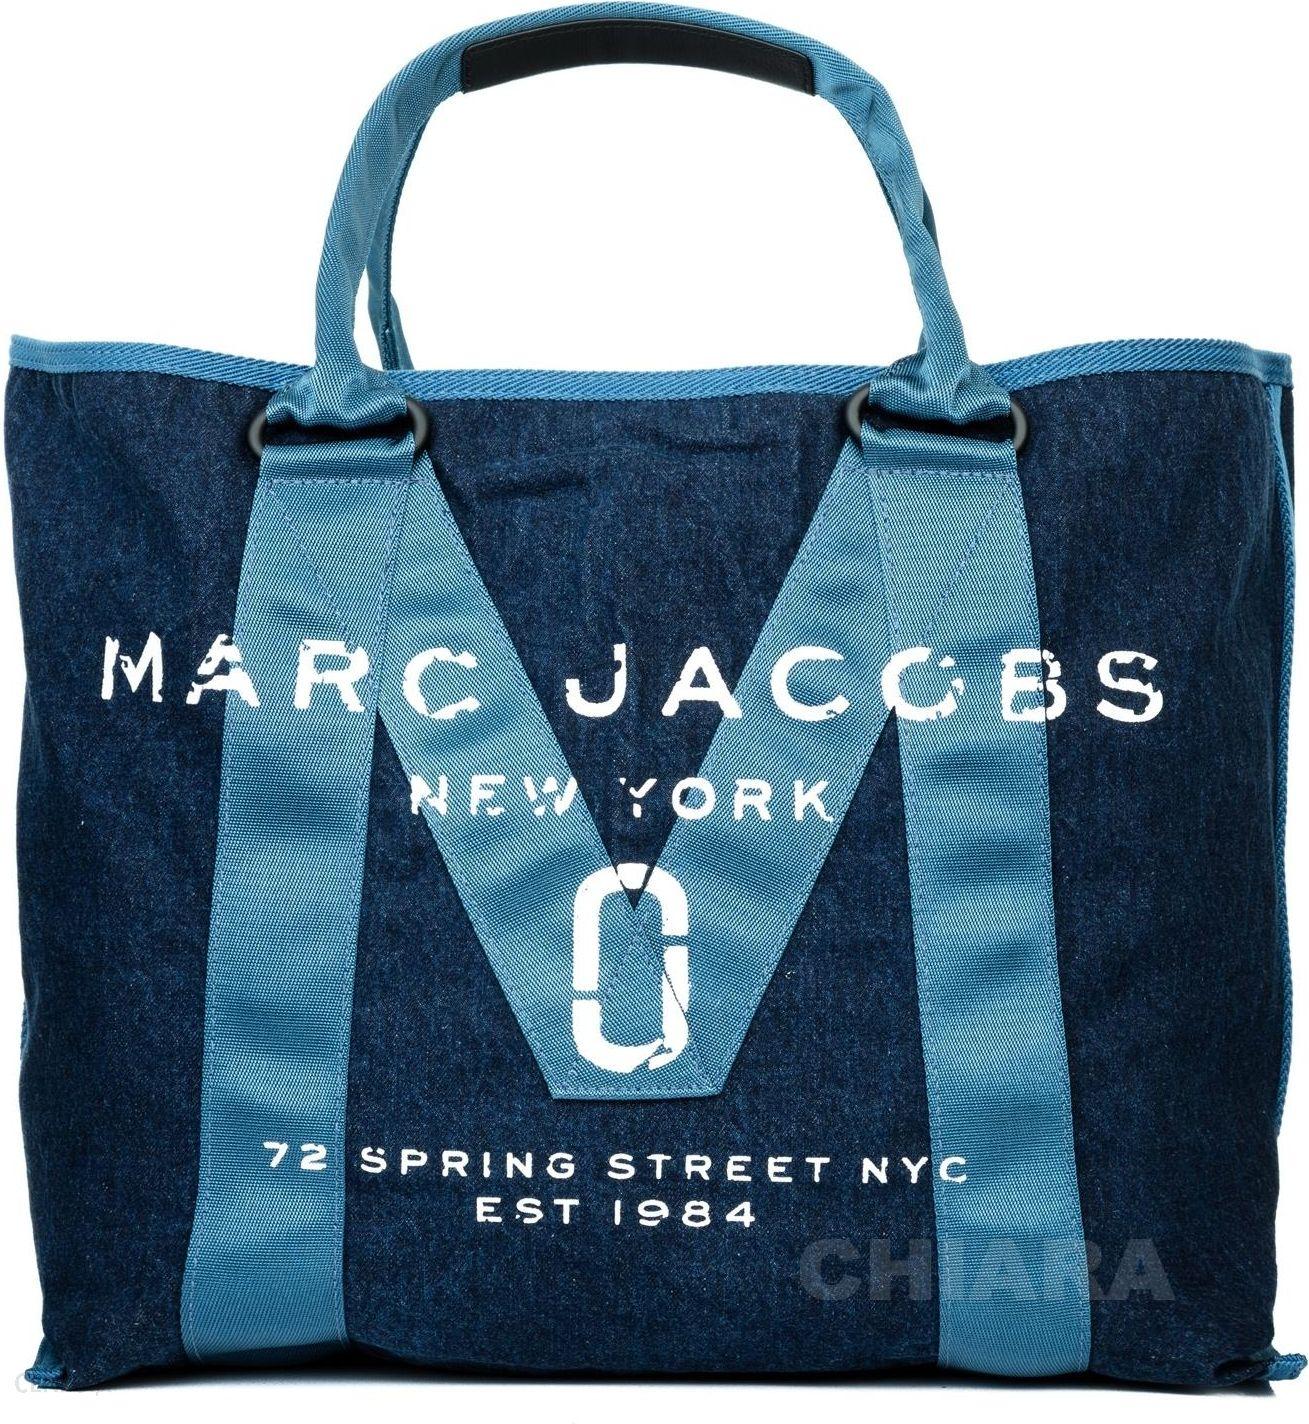 c282369afb850 TORBA Marc Jacobs NEW LOGO - Ceny i opinie - Ceneo.pl